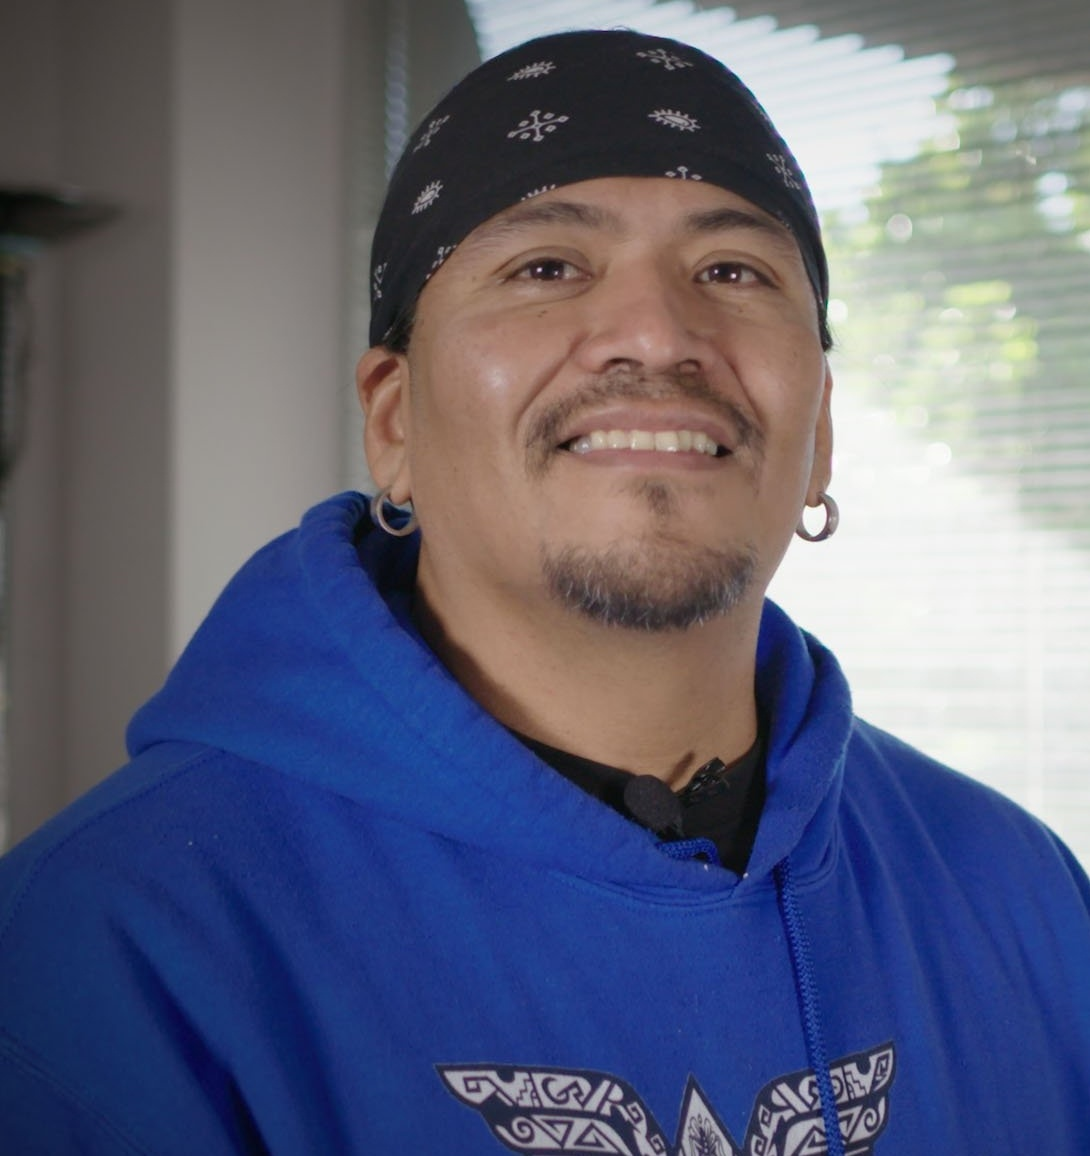 Waylon Pahona Jr. Hopi & Tewa/Maricopa